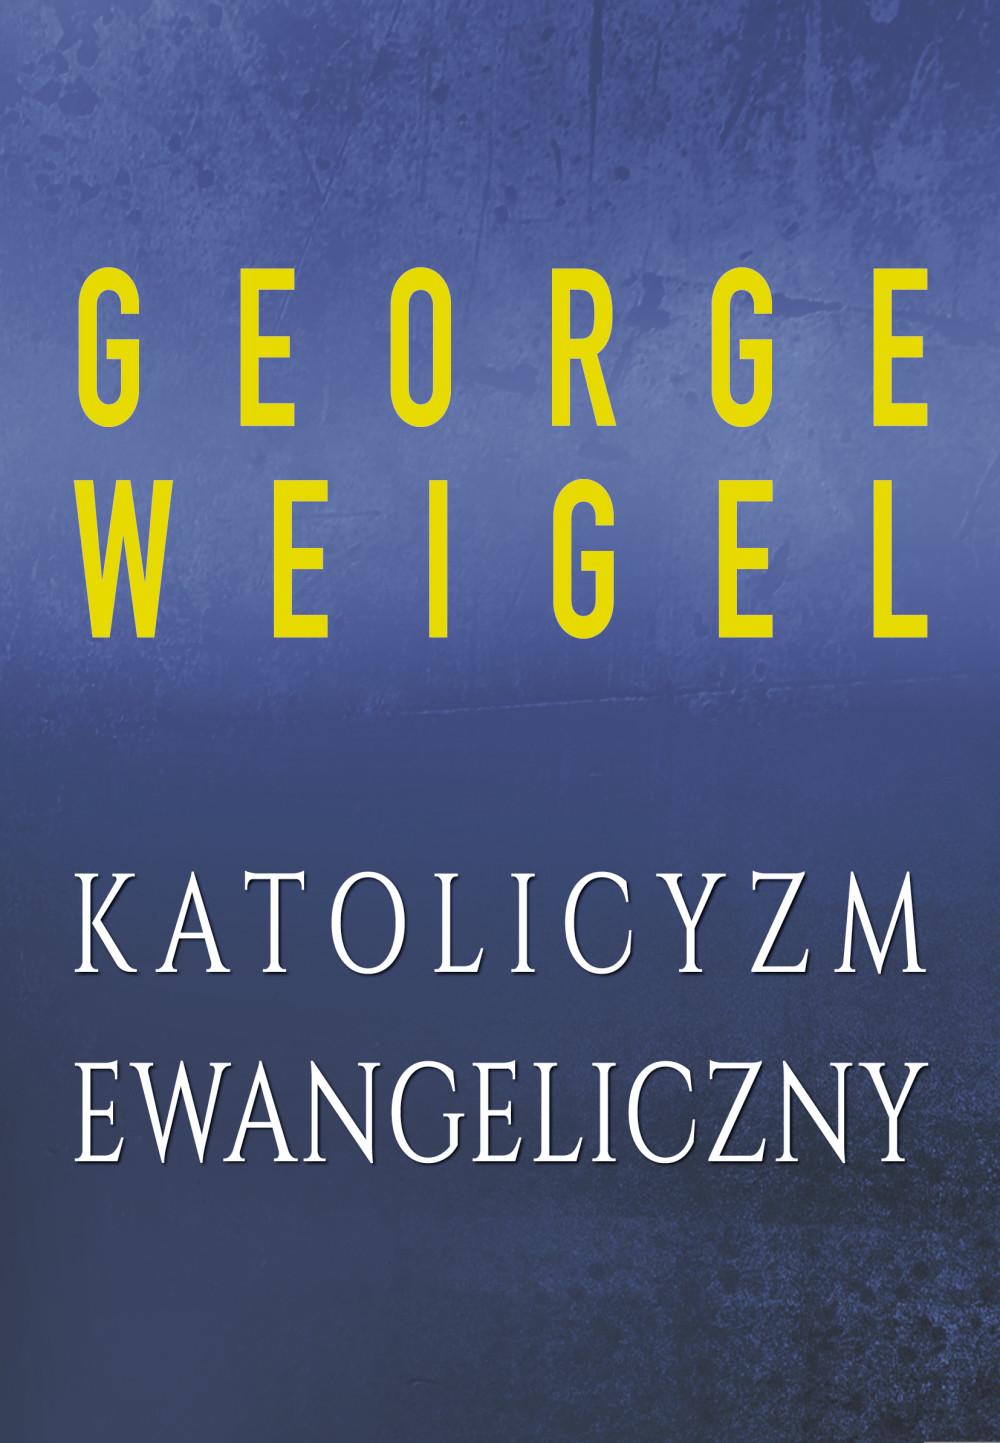 Katolicyzm ewangeliczny ebook